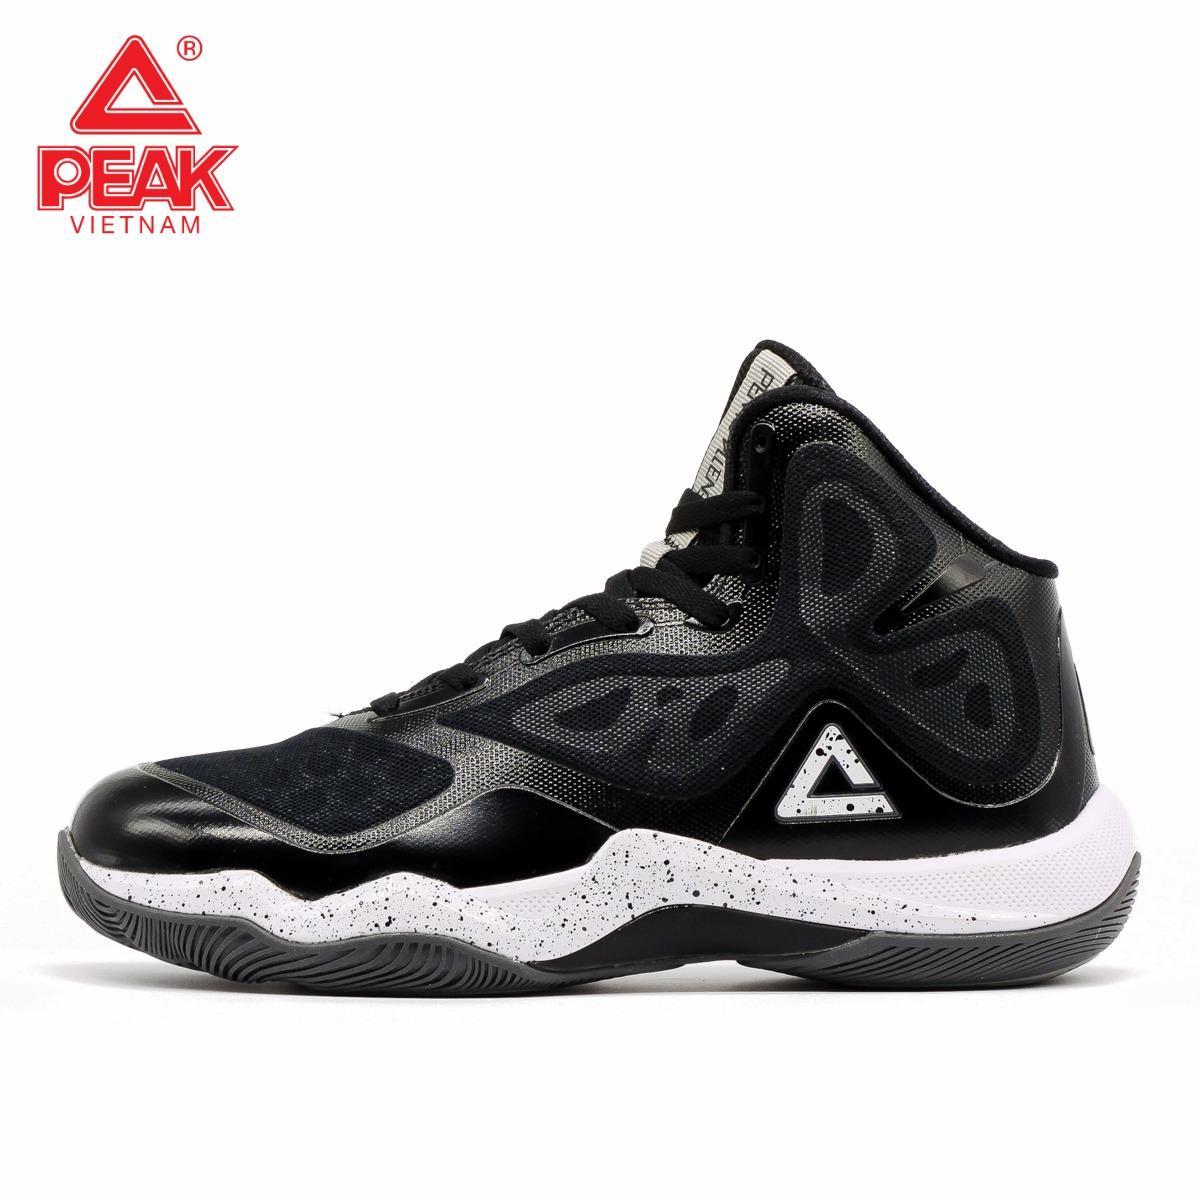 Giày thời trang bóng rổ nam Peak Challanger 2.4 E63001A – Đen Trắng